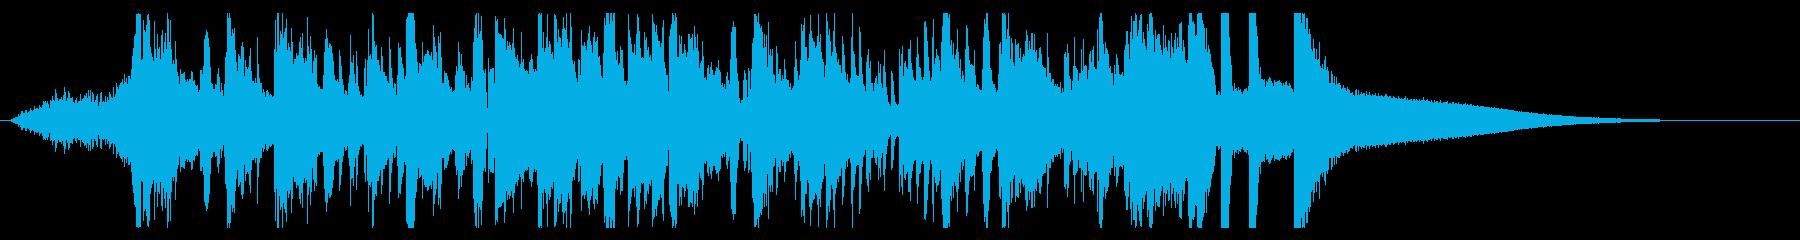 ハイテク企業ジングル 疾走感ジャズピアノの再生済みの波形